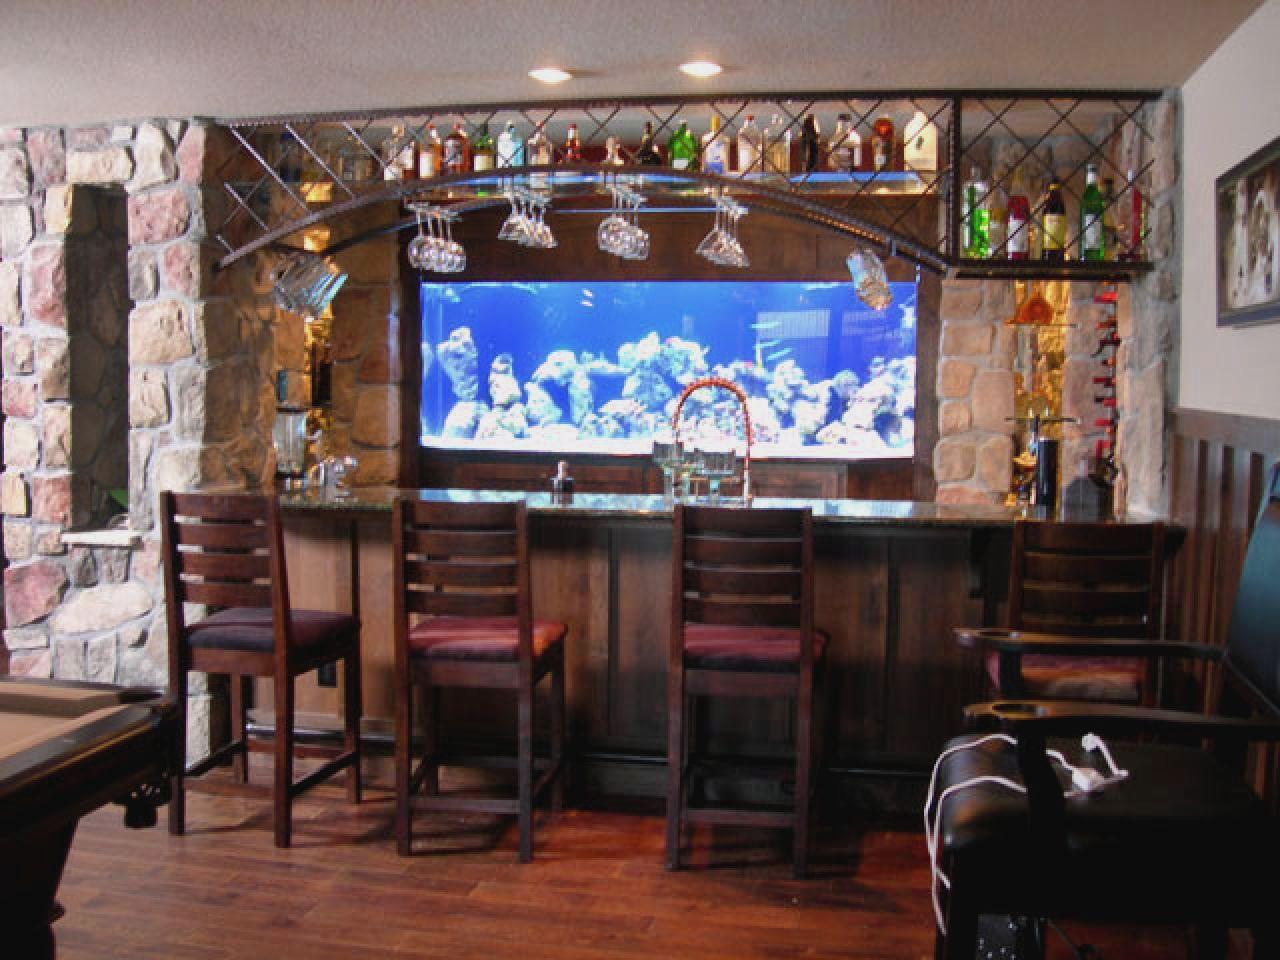 Bar Room Decorating Ideas - http://agmfree.com/0120/home-design ...